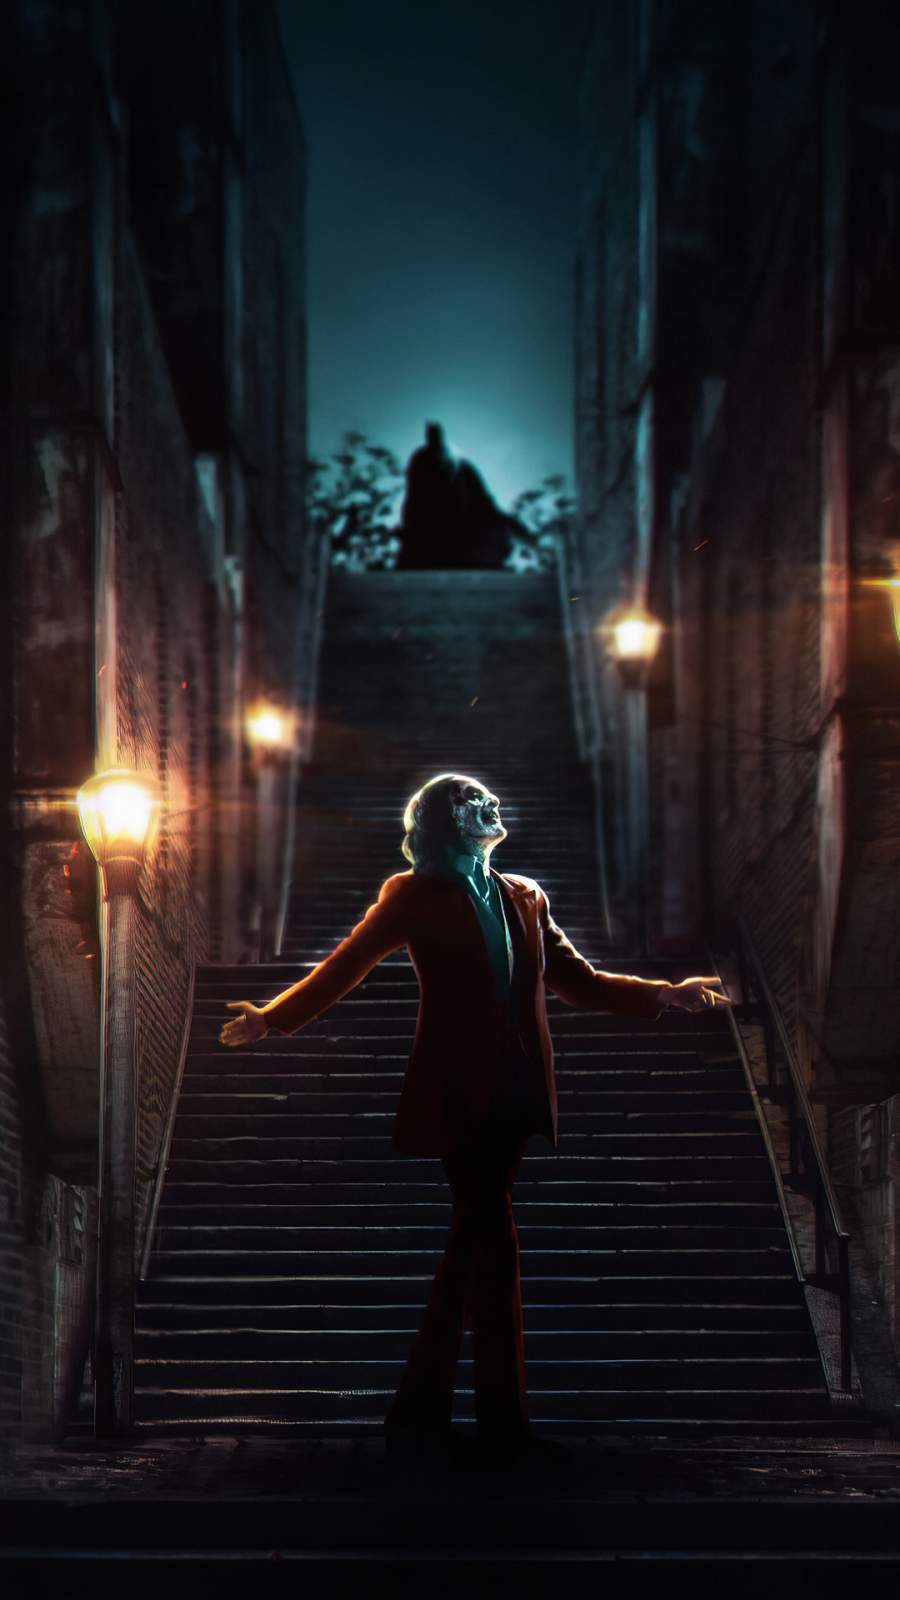 Joker and Batman iPhone Wallpaper